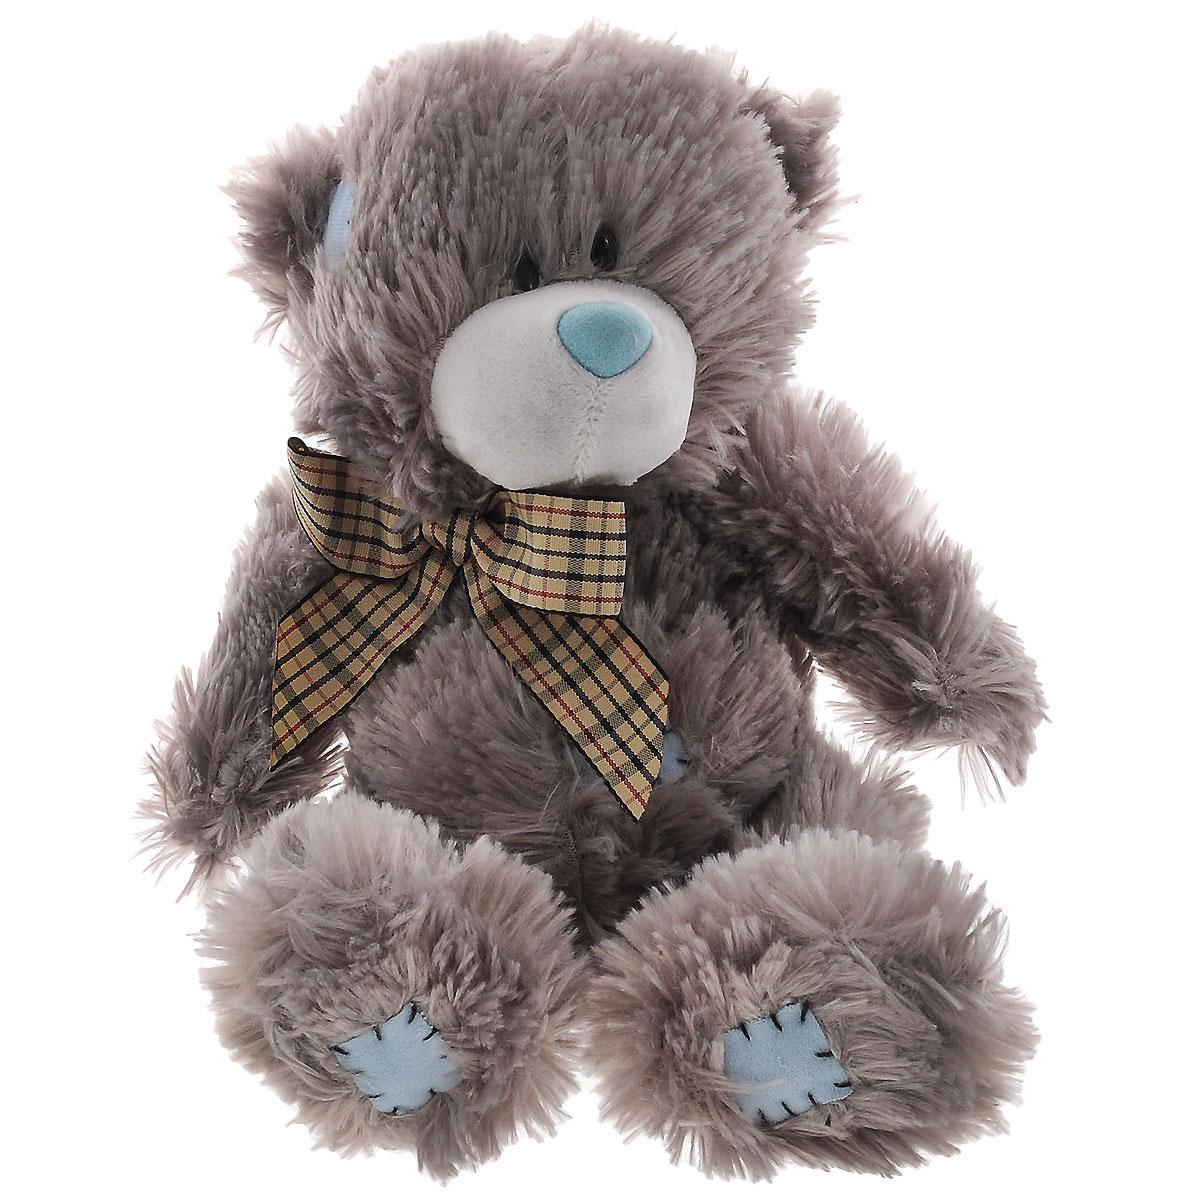 Мягкая игрушка Plush Apple Медведь Заплатка, цвет: серый, голубой, 20 см5A00132R,T,SЯркая мягкая игрушка Plush Apple Медведь Заплатка серого цвета с голубыми заплатками-нашивками, и с бантиком на шее, привлечет внимание любого ребенка. Модель изготовлена из приятных на ощупь и очень мягких материалов, безвредных для малыша. Невероятно мягкий и нежный, с ним так приятно играть, ходить на прогулку и засыпать, прижавшись к его бочку. Мишка станет прекрасным подарком любимым и близким.